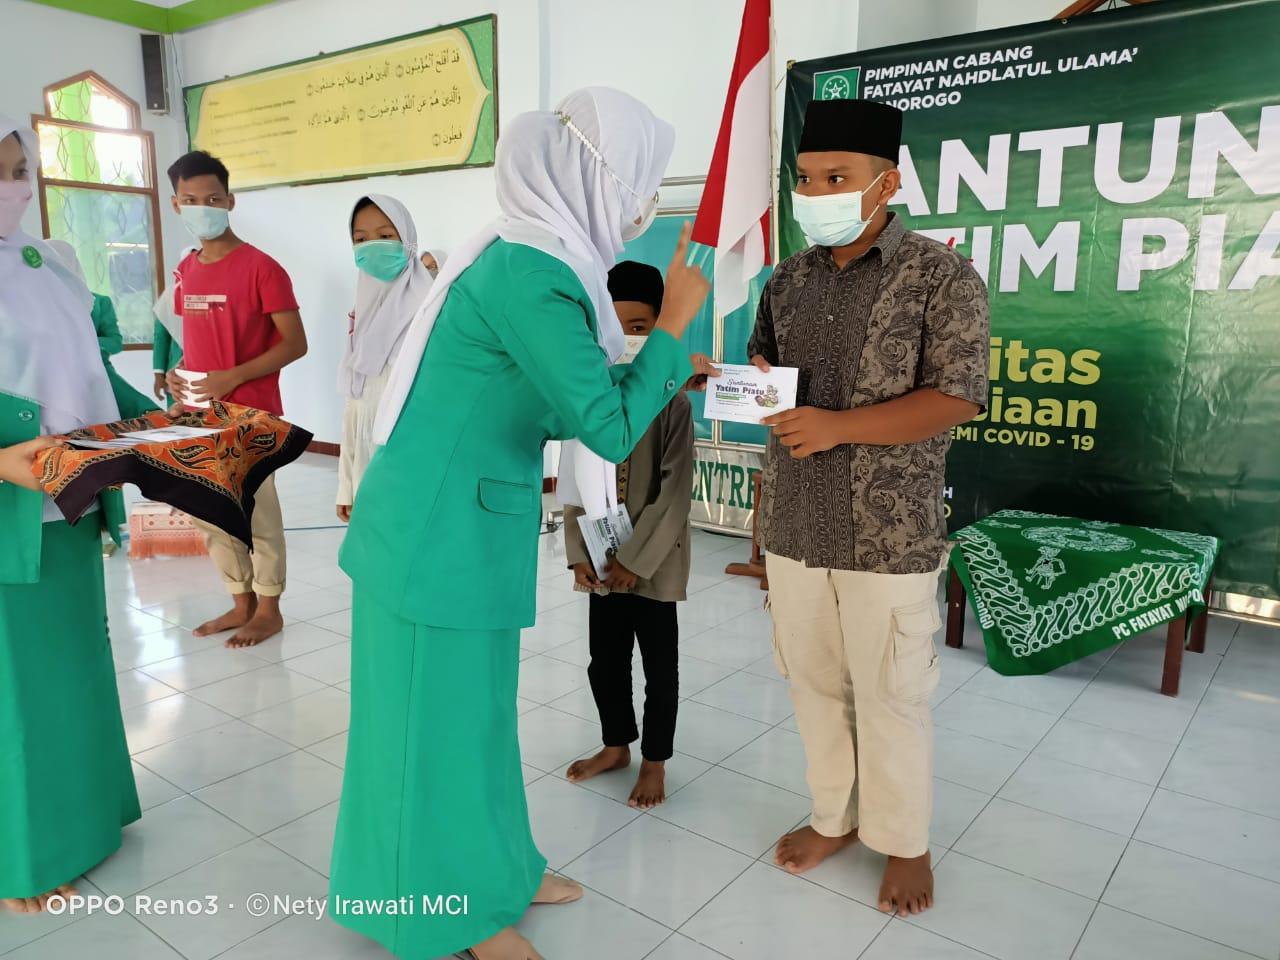 Pemberian santunan kepada anak Yatim piatu oleh ketua PC Fatayat NU Ponorogo